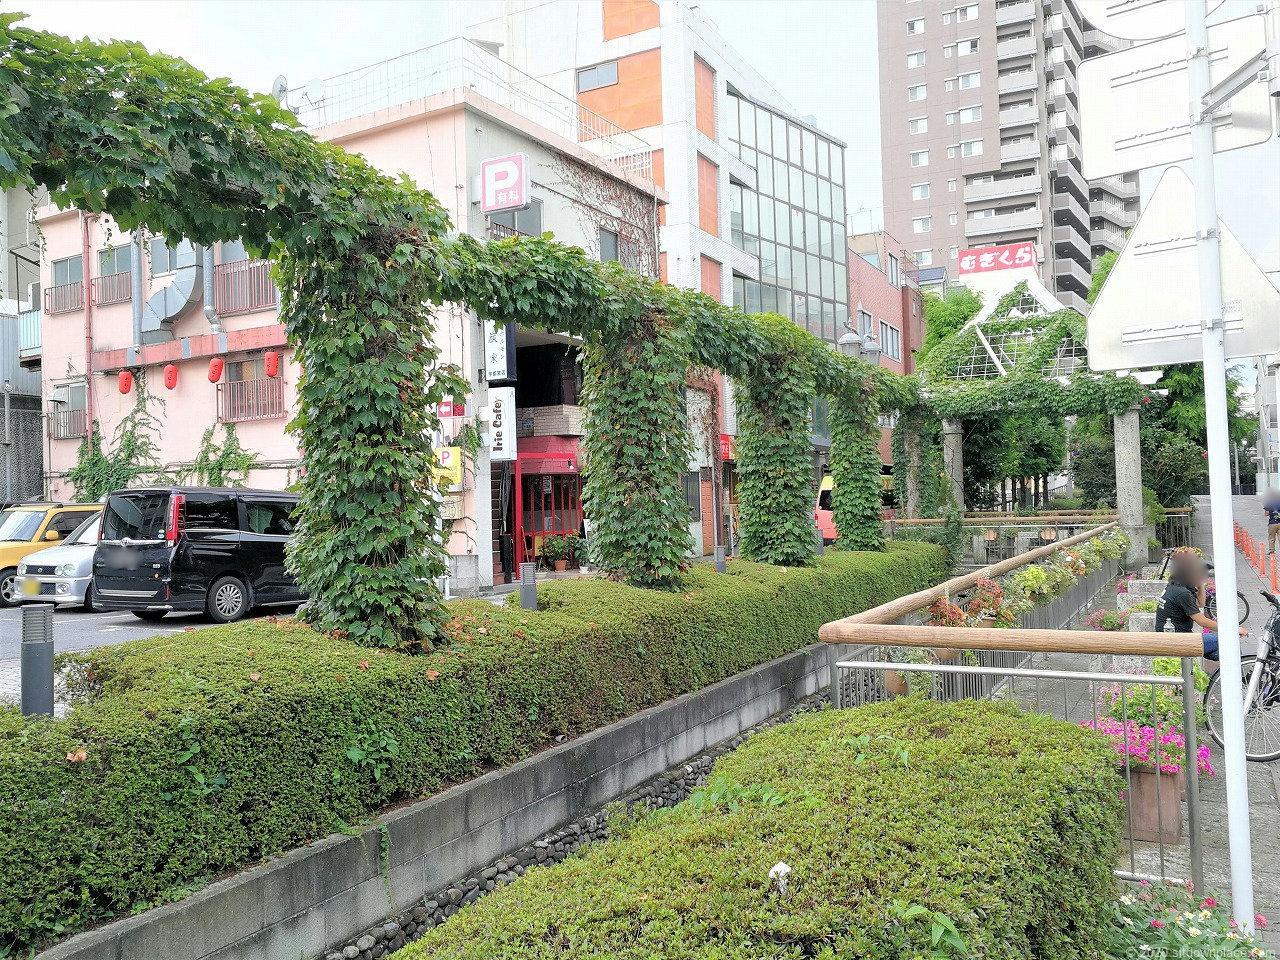 東武宇都宮駅 釜川プロムナード ロマンチックドームの休憩場所1